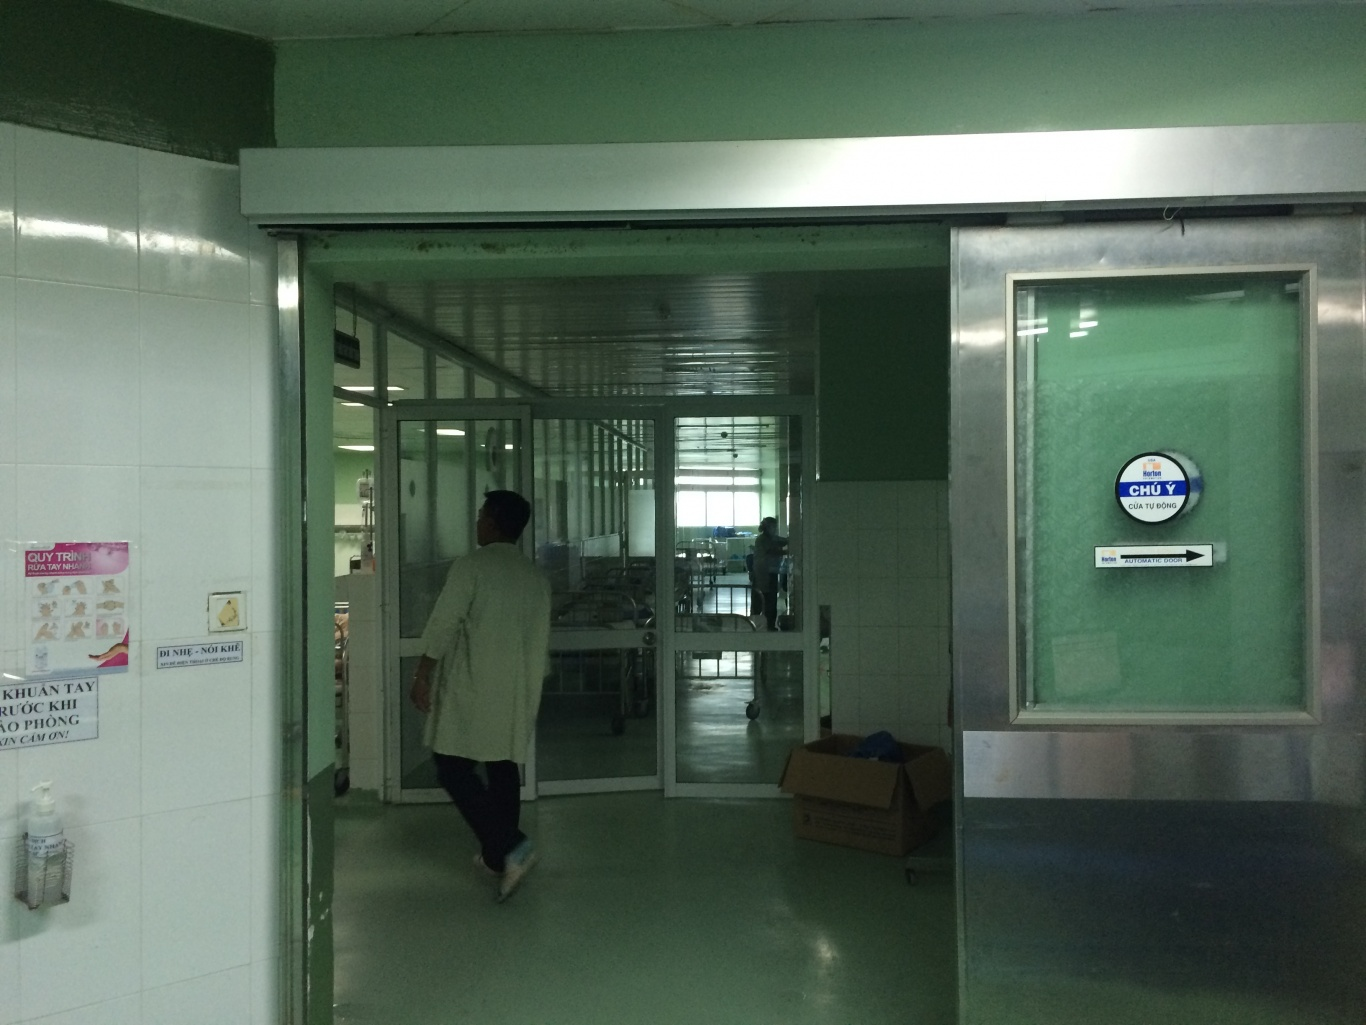 Ecall lắp đặt nút chuông gọi y tá WS-100 khoa gây mê hồi sức BVPS nhi Đà Nẵng